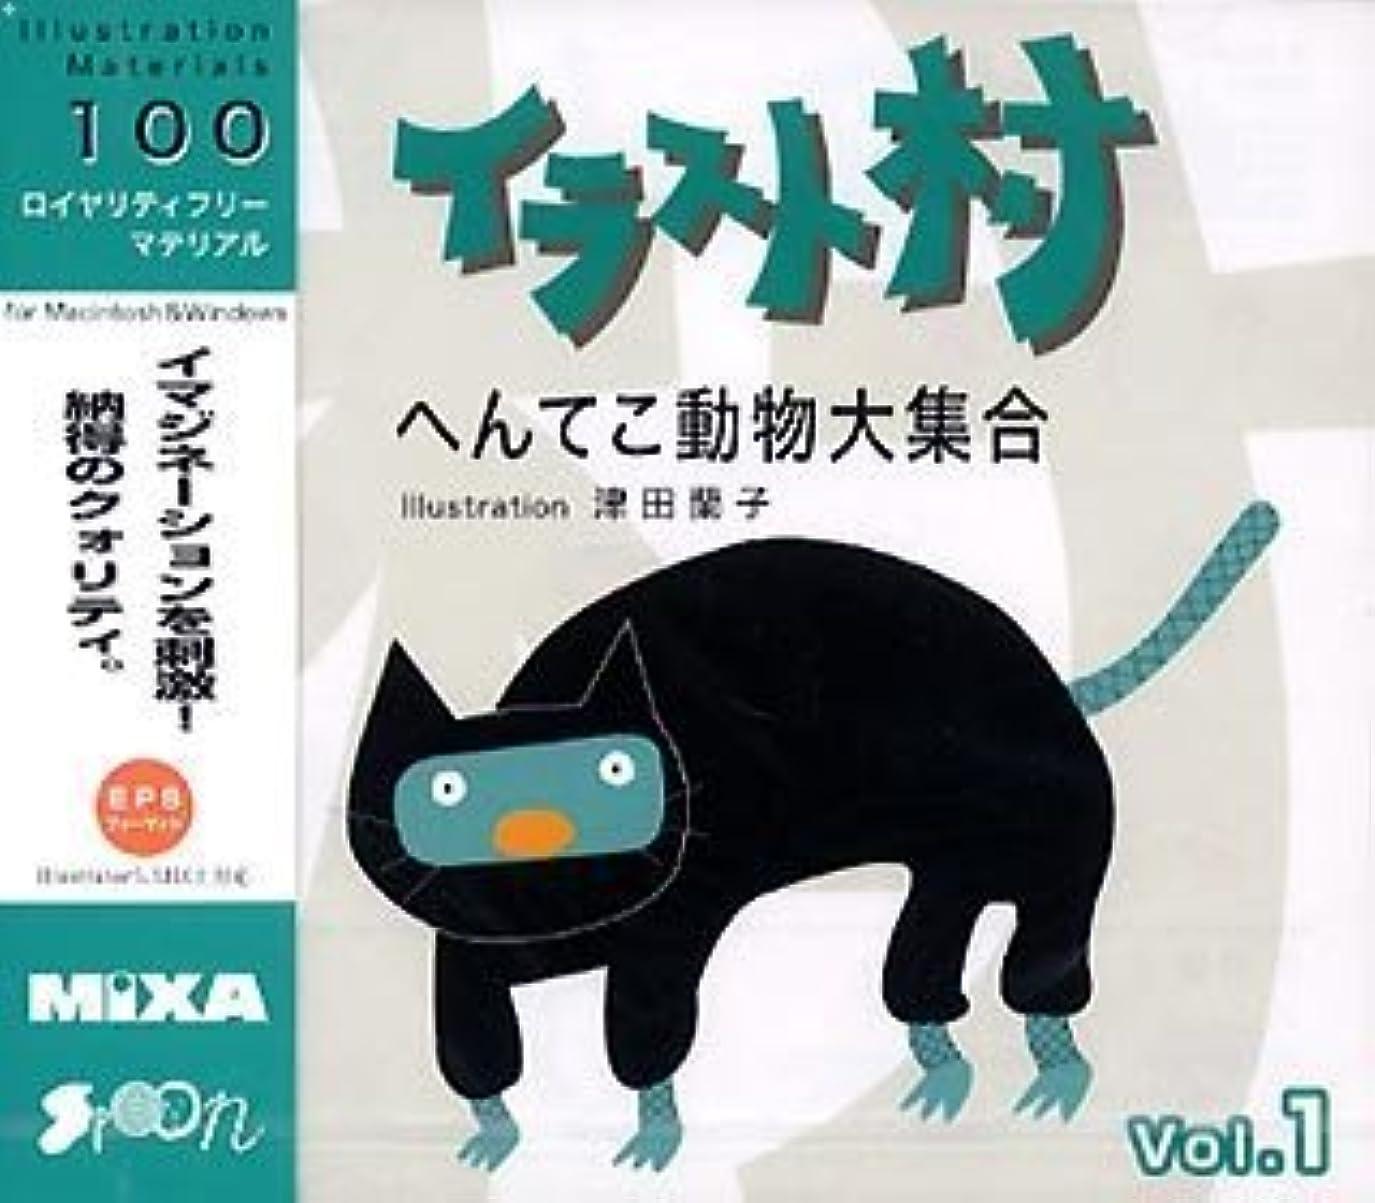 小間最適繕うイラスト村 Vol.1 へんてこ動物大集合